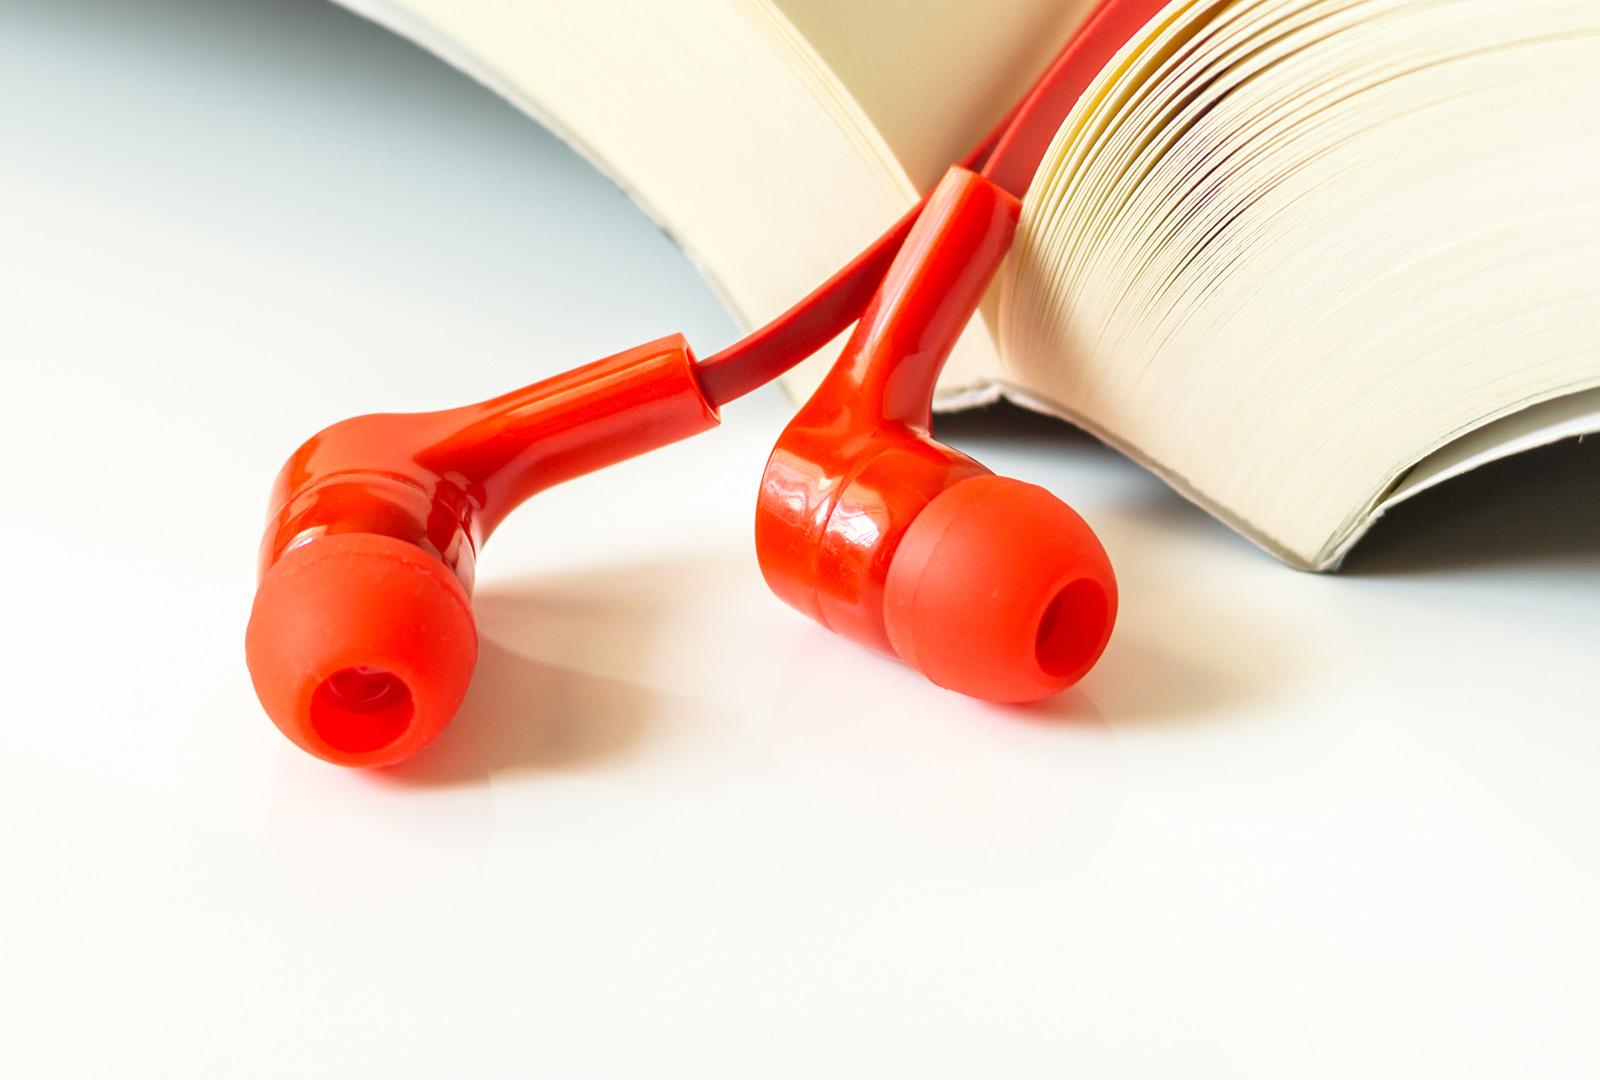 Här har vi samlat våra artiklar kring ersättningsmodeller av ljudböcker på streamingföretag